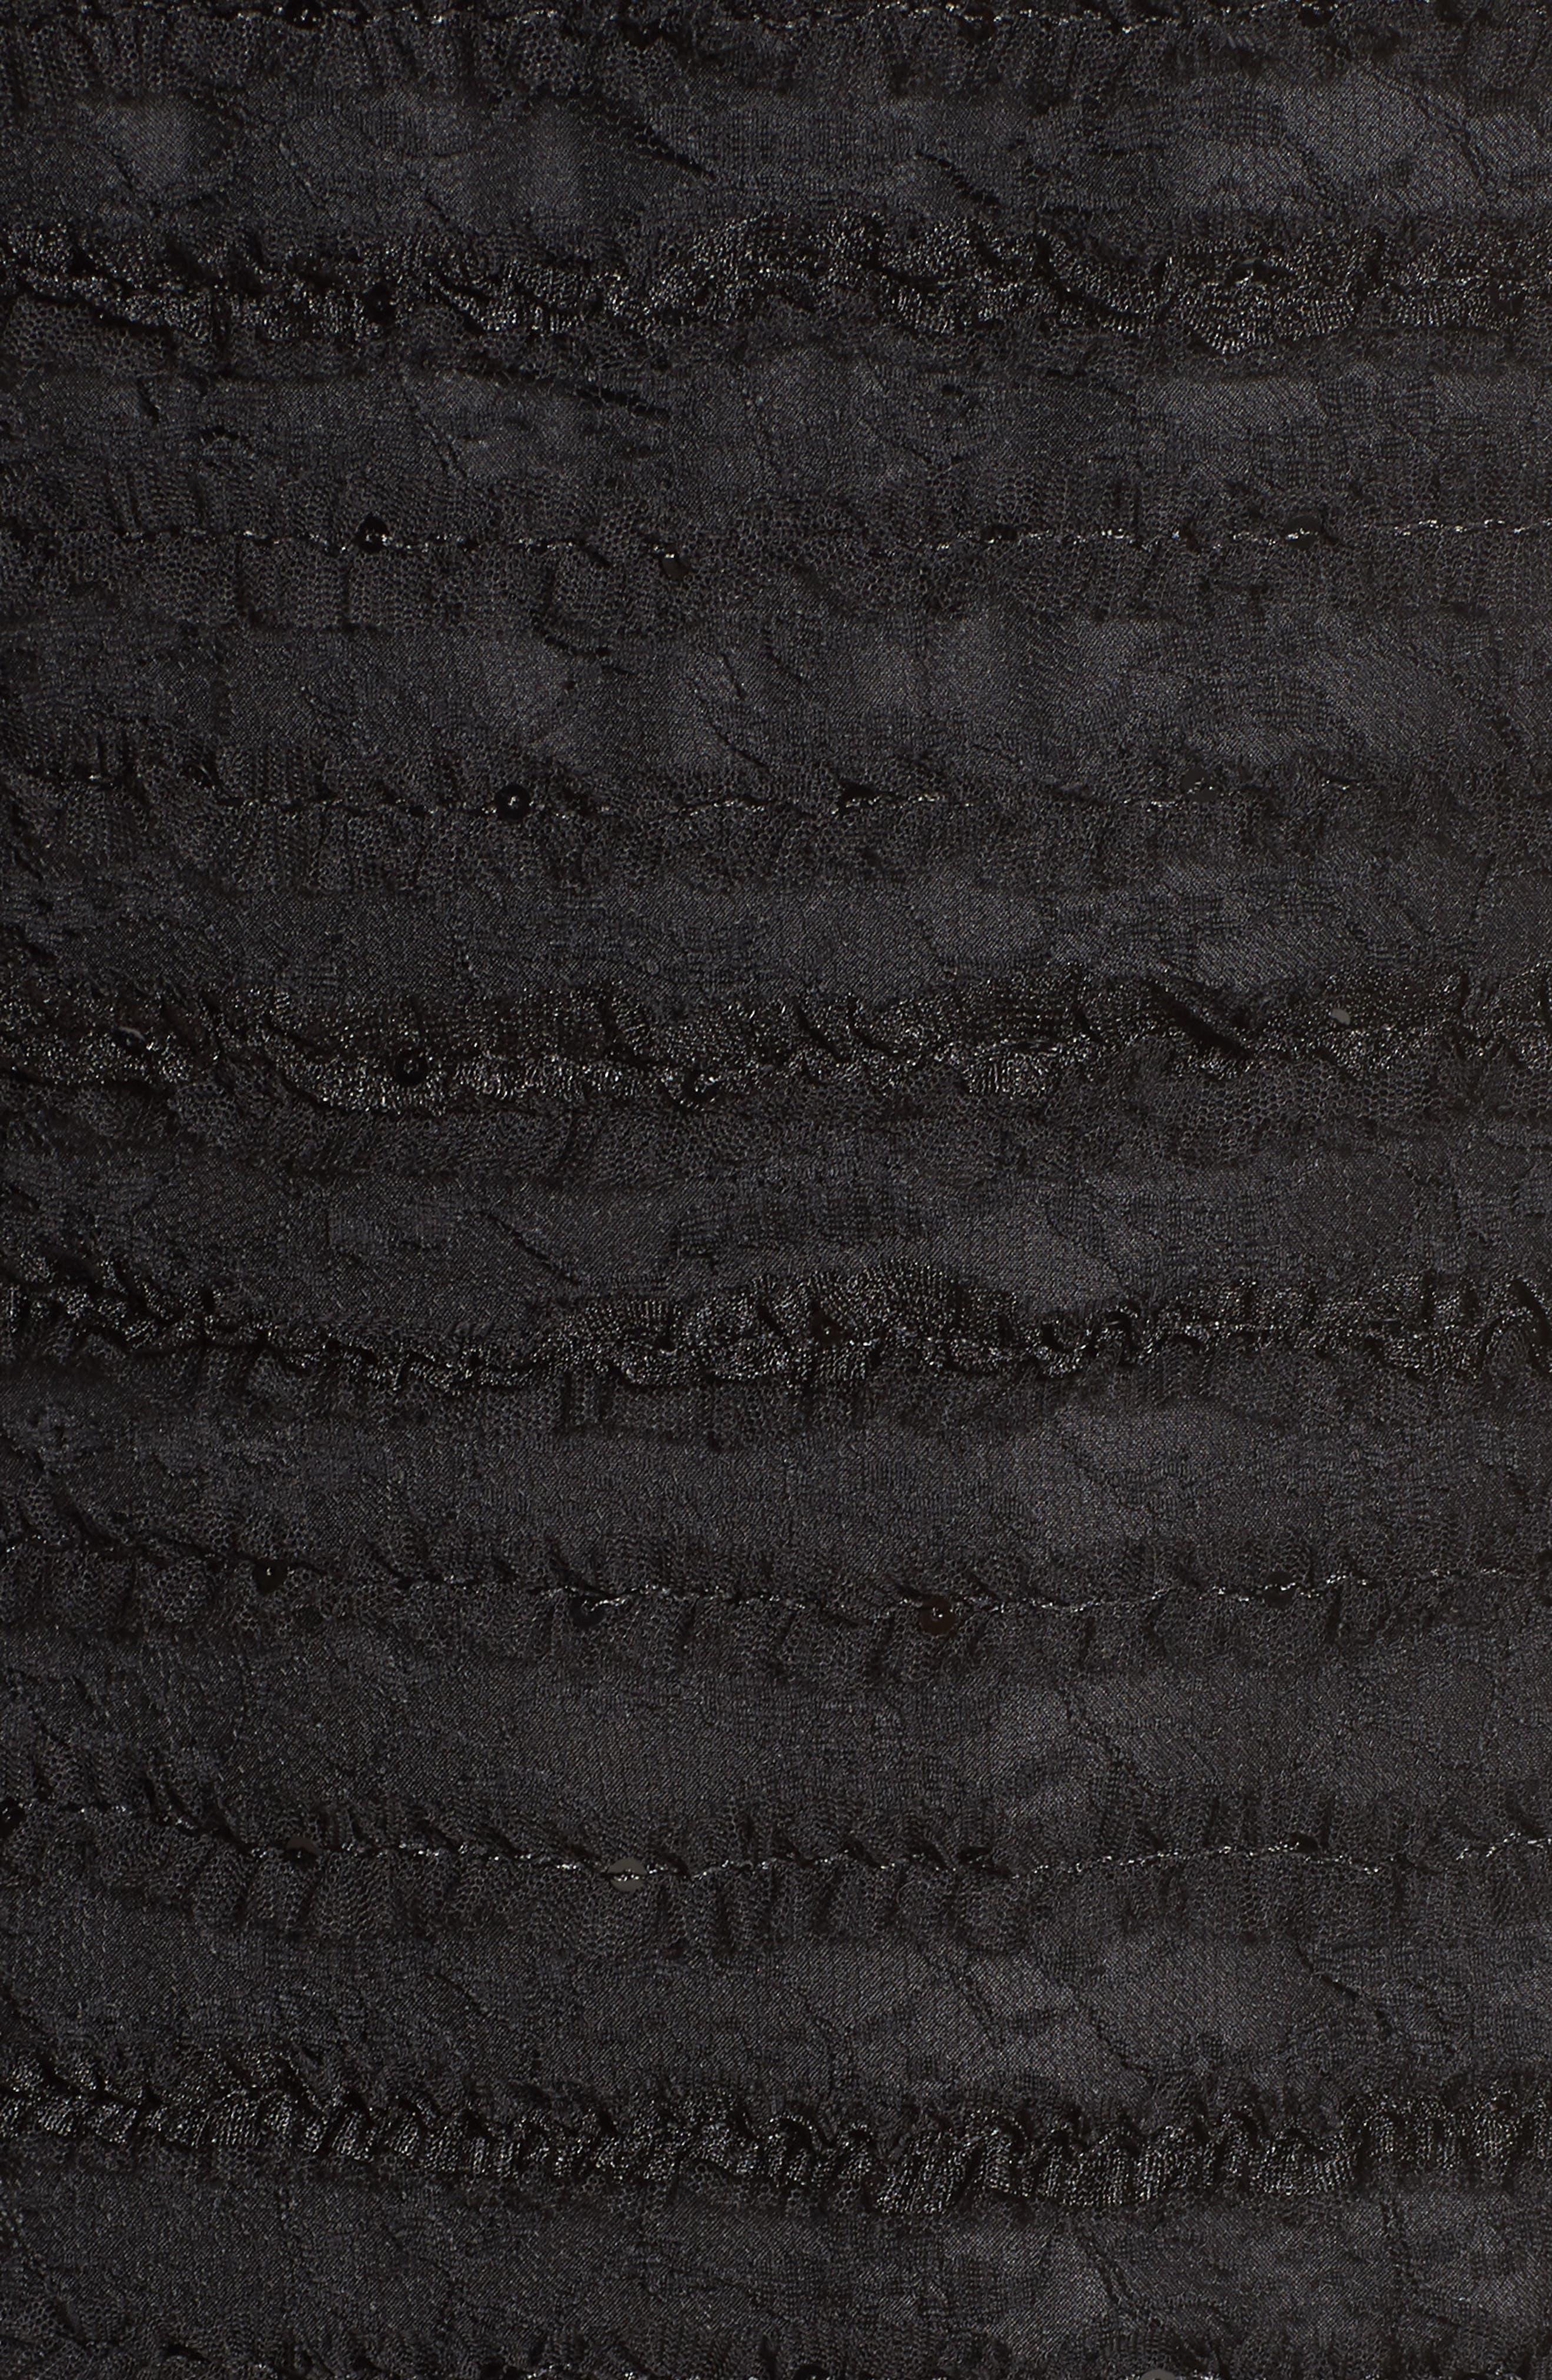 Surrey Lace Halter Sheath Dress,                             Alternate thumbnail 5, color,                             001